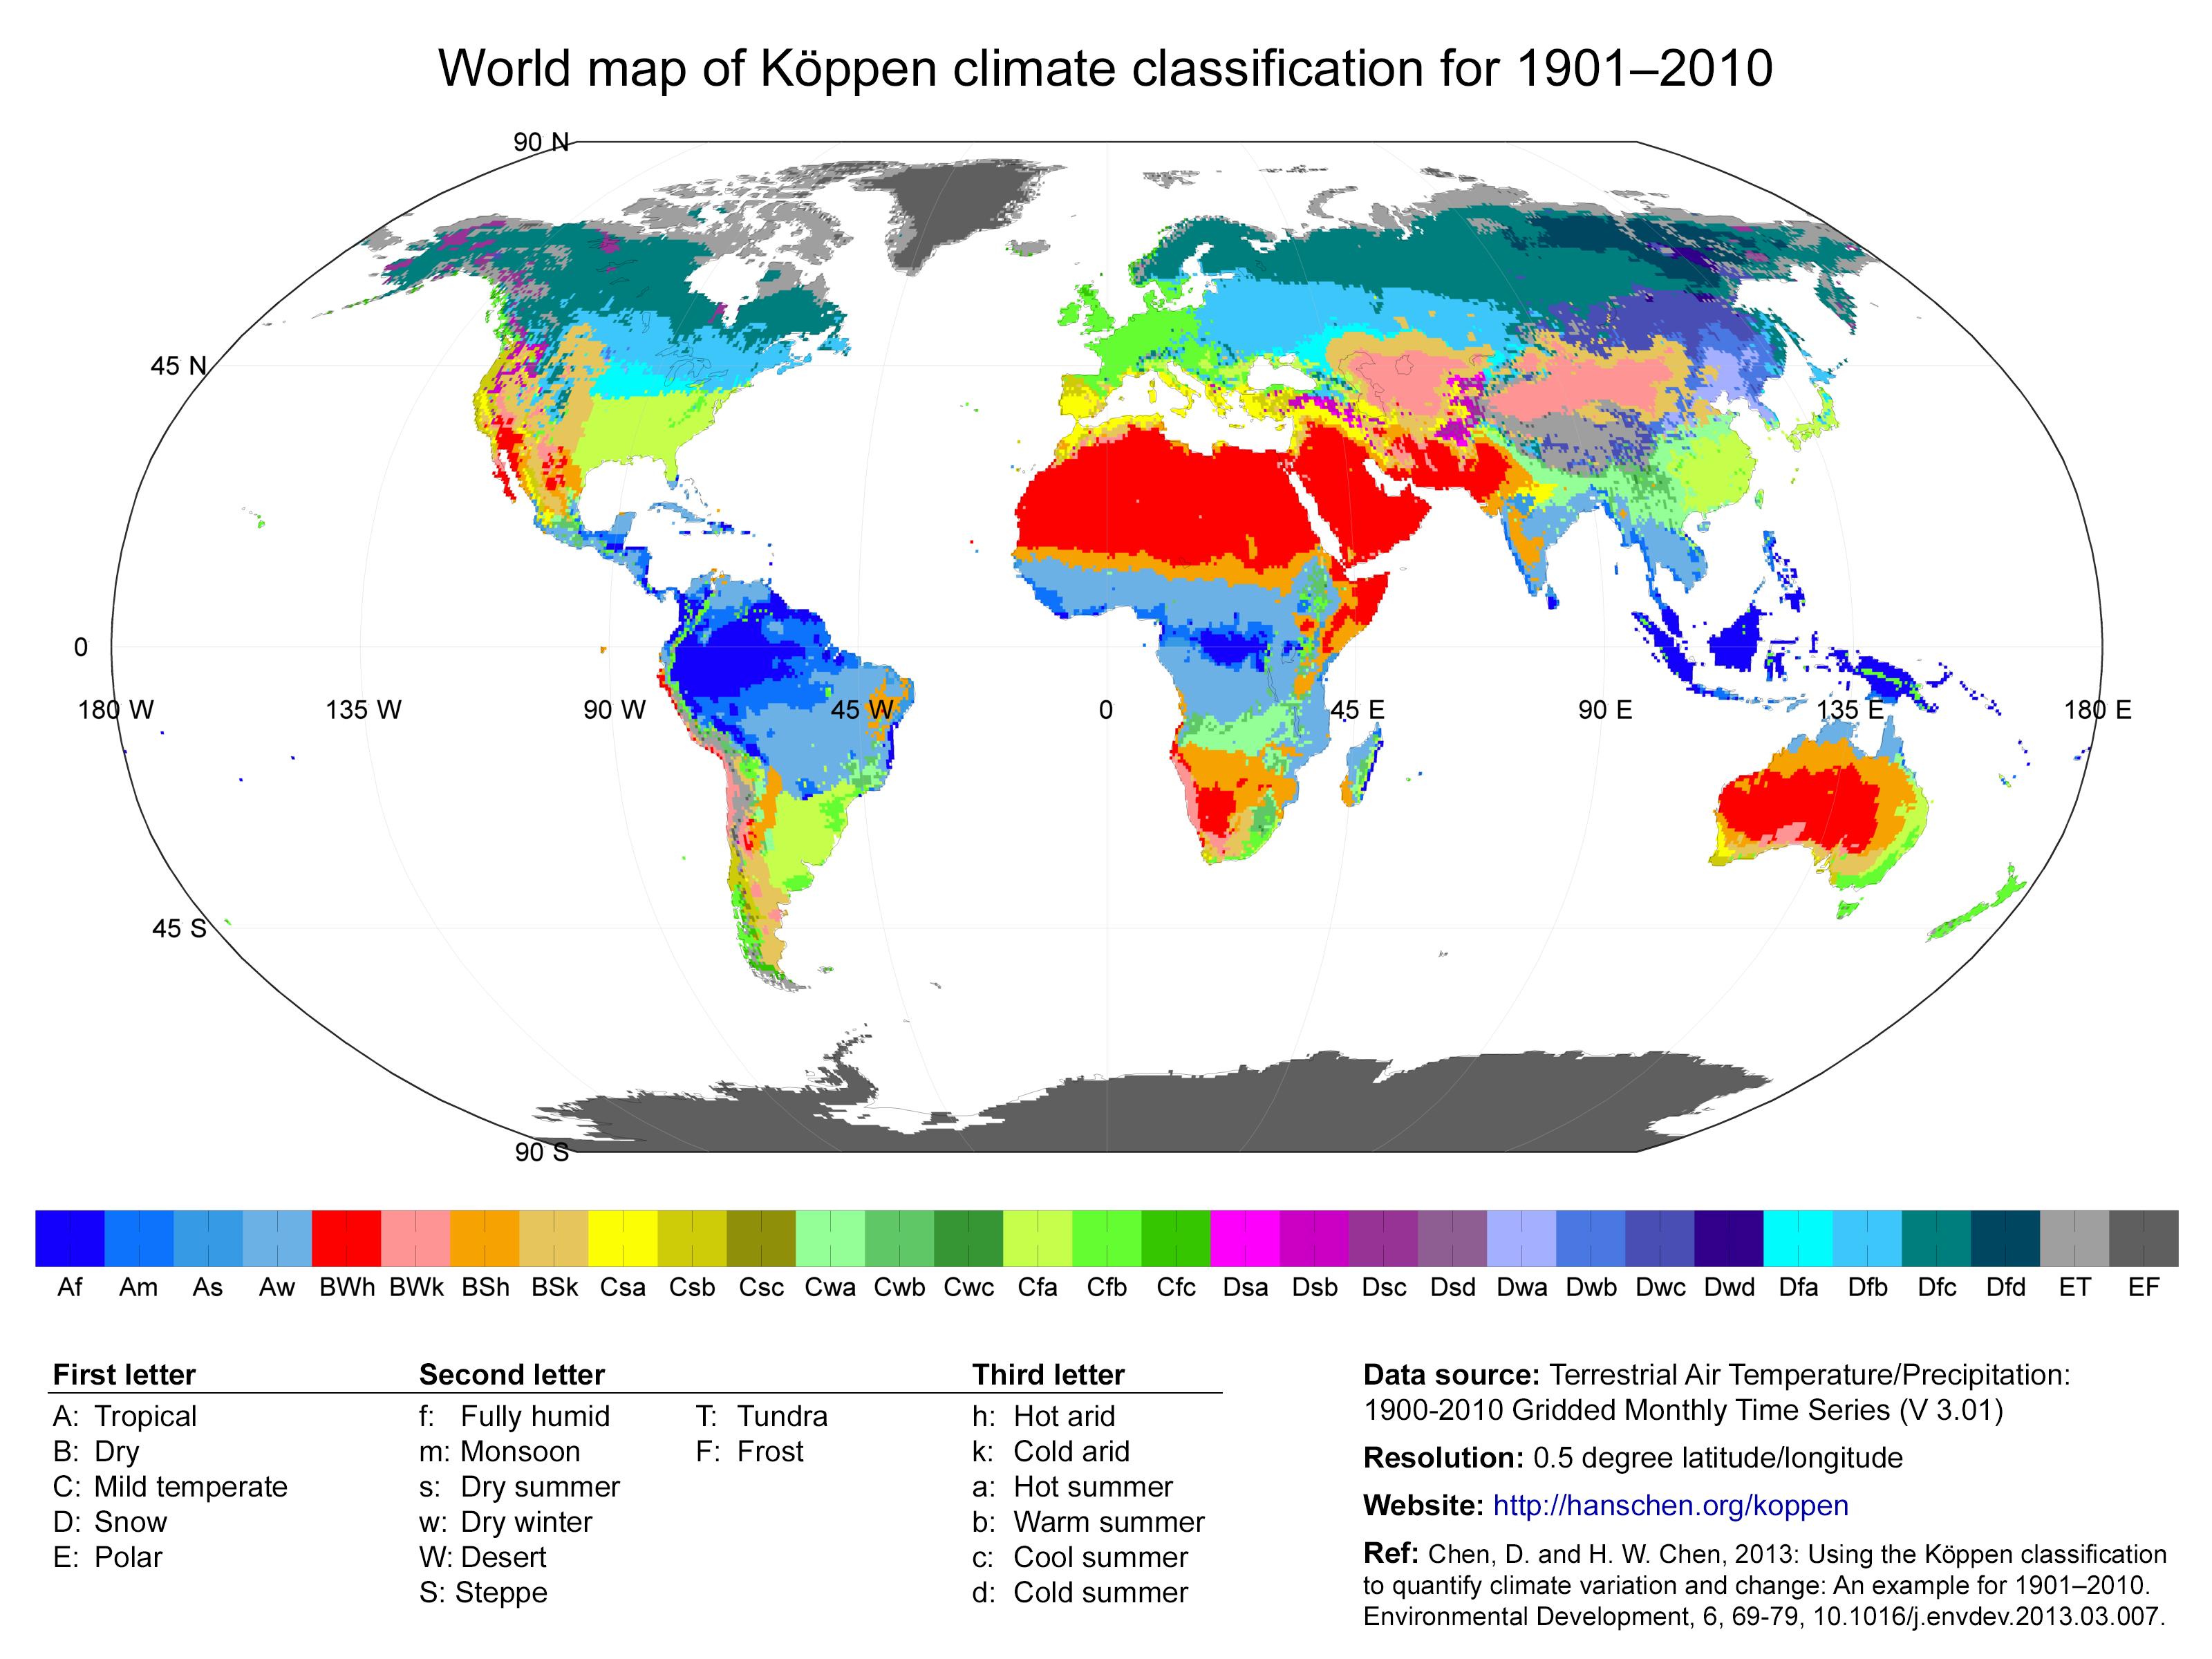 Köppen klimaatclassificatie voor 1901-2010